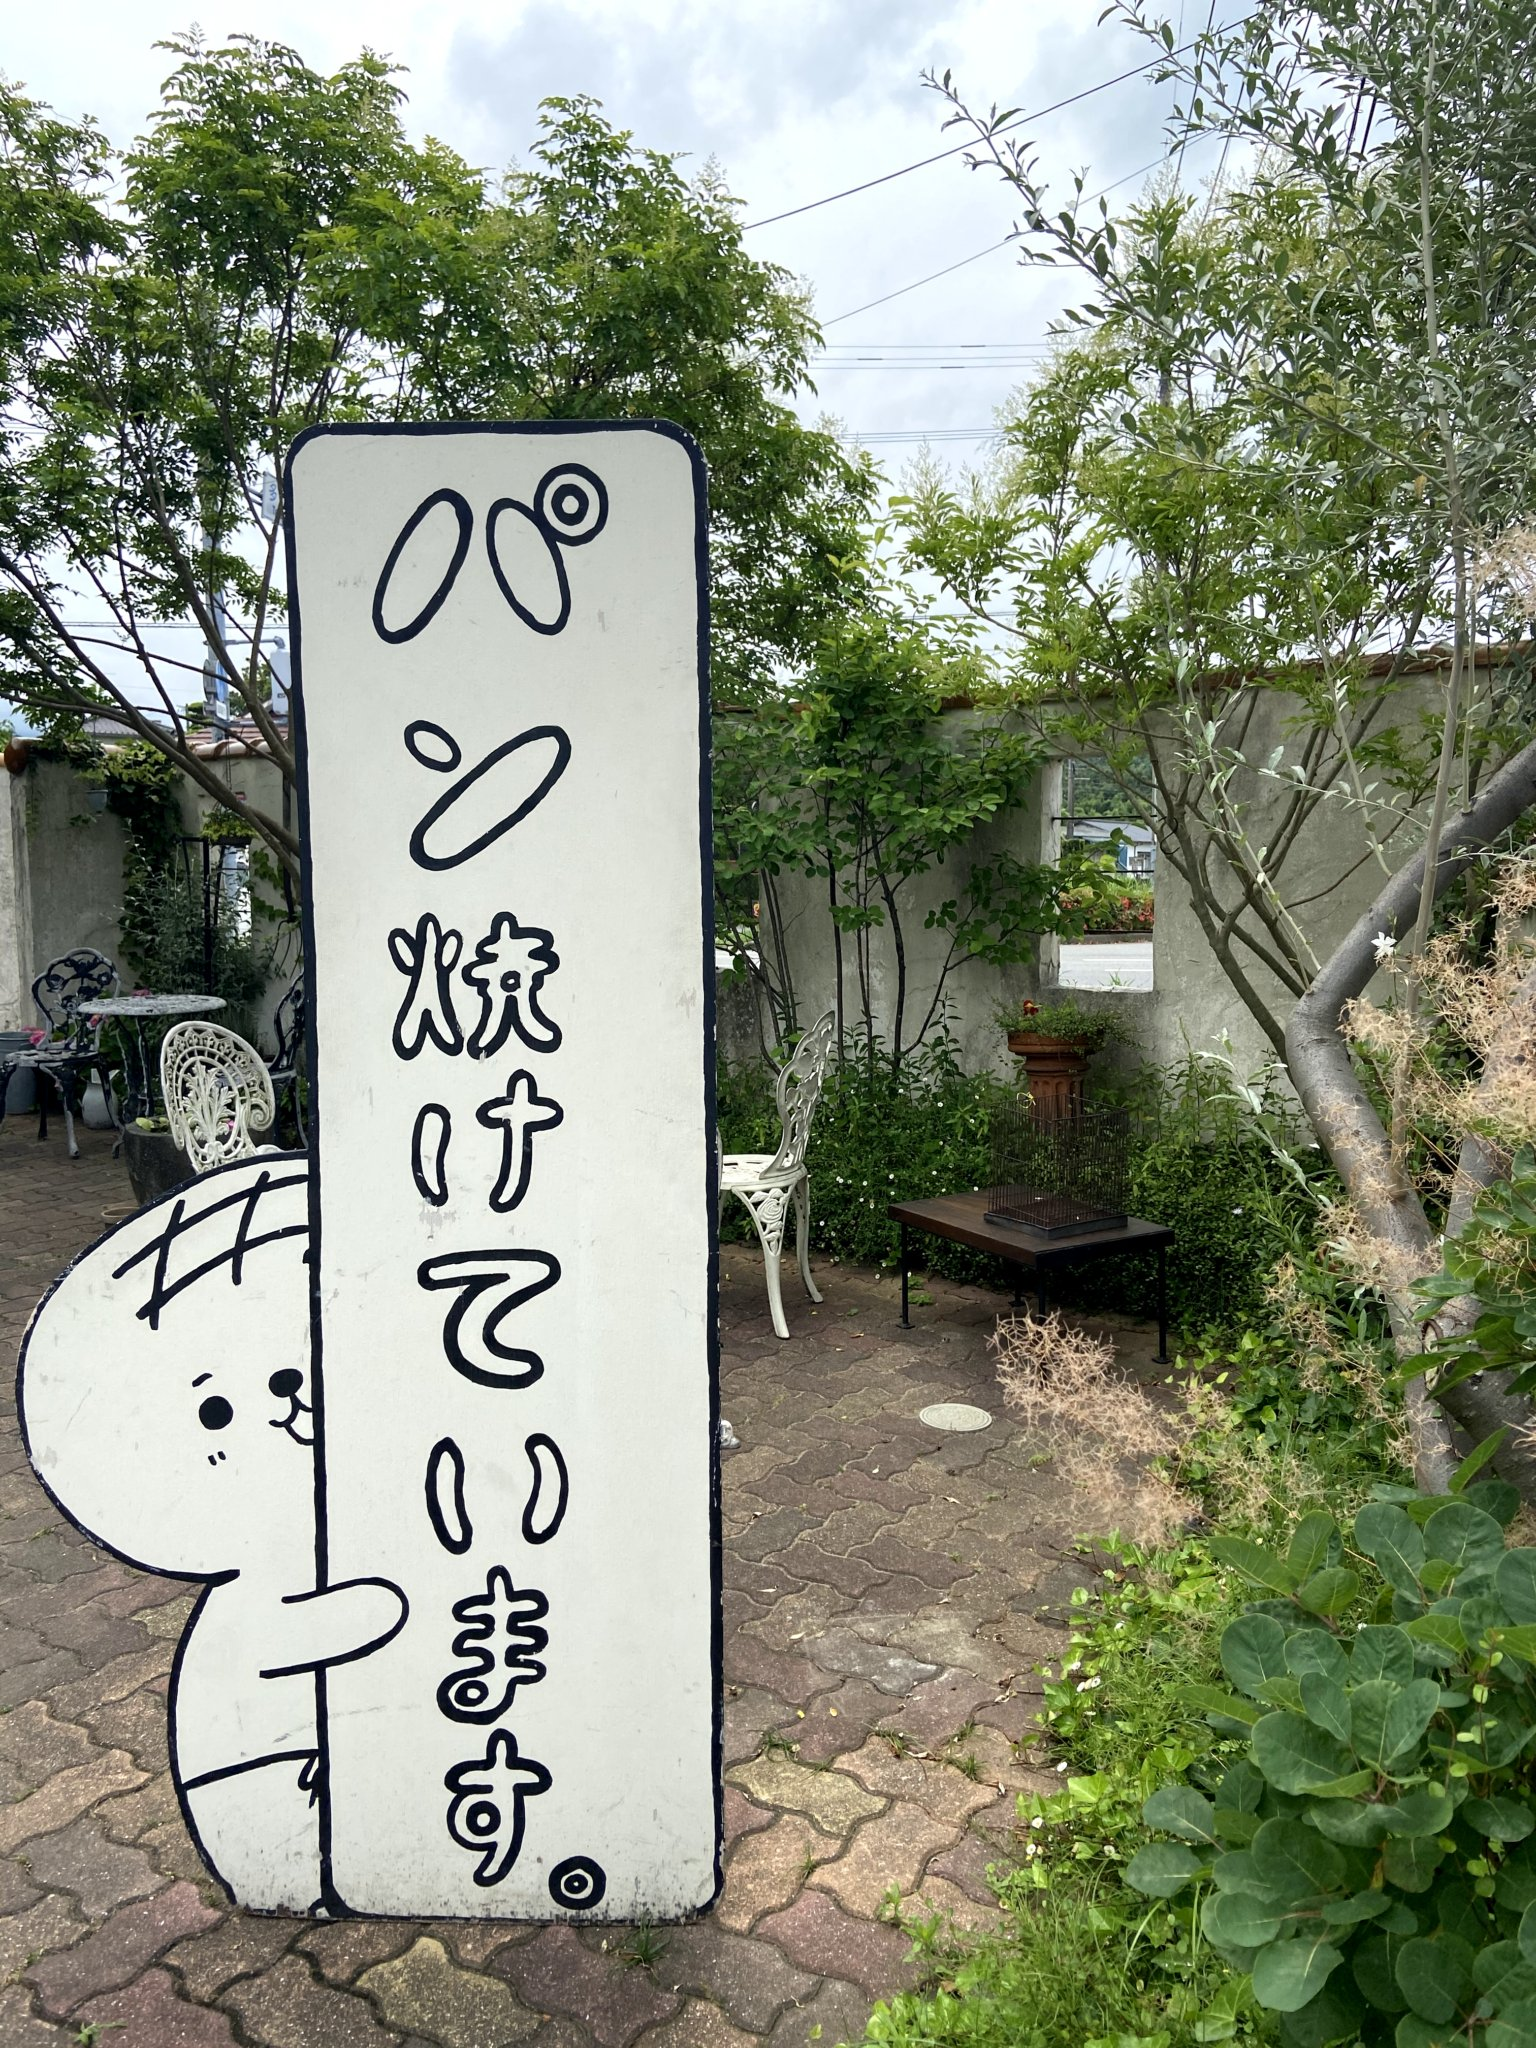 【嵐にしやがれ】福岡県糸島市でメロンパンを食べまくり!東京や全国にも!?【CACHETTE】_3